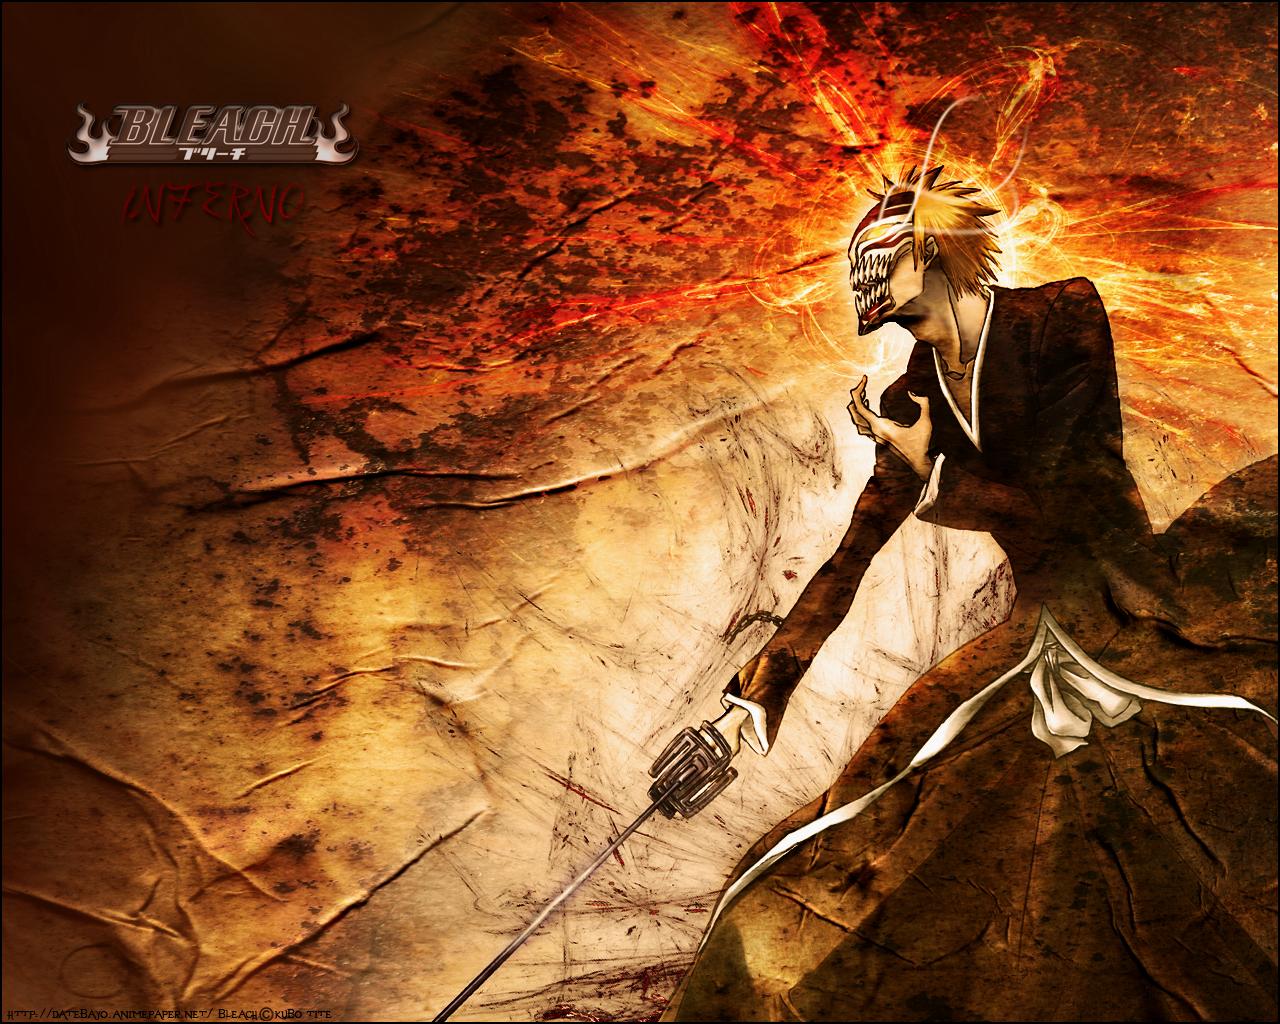 Bleach Manga High Definition Wallpaper 04 | Imagez Only